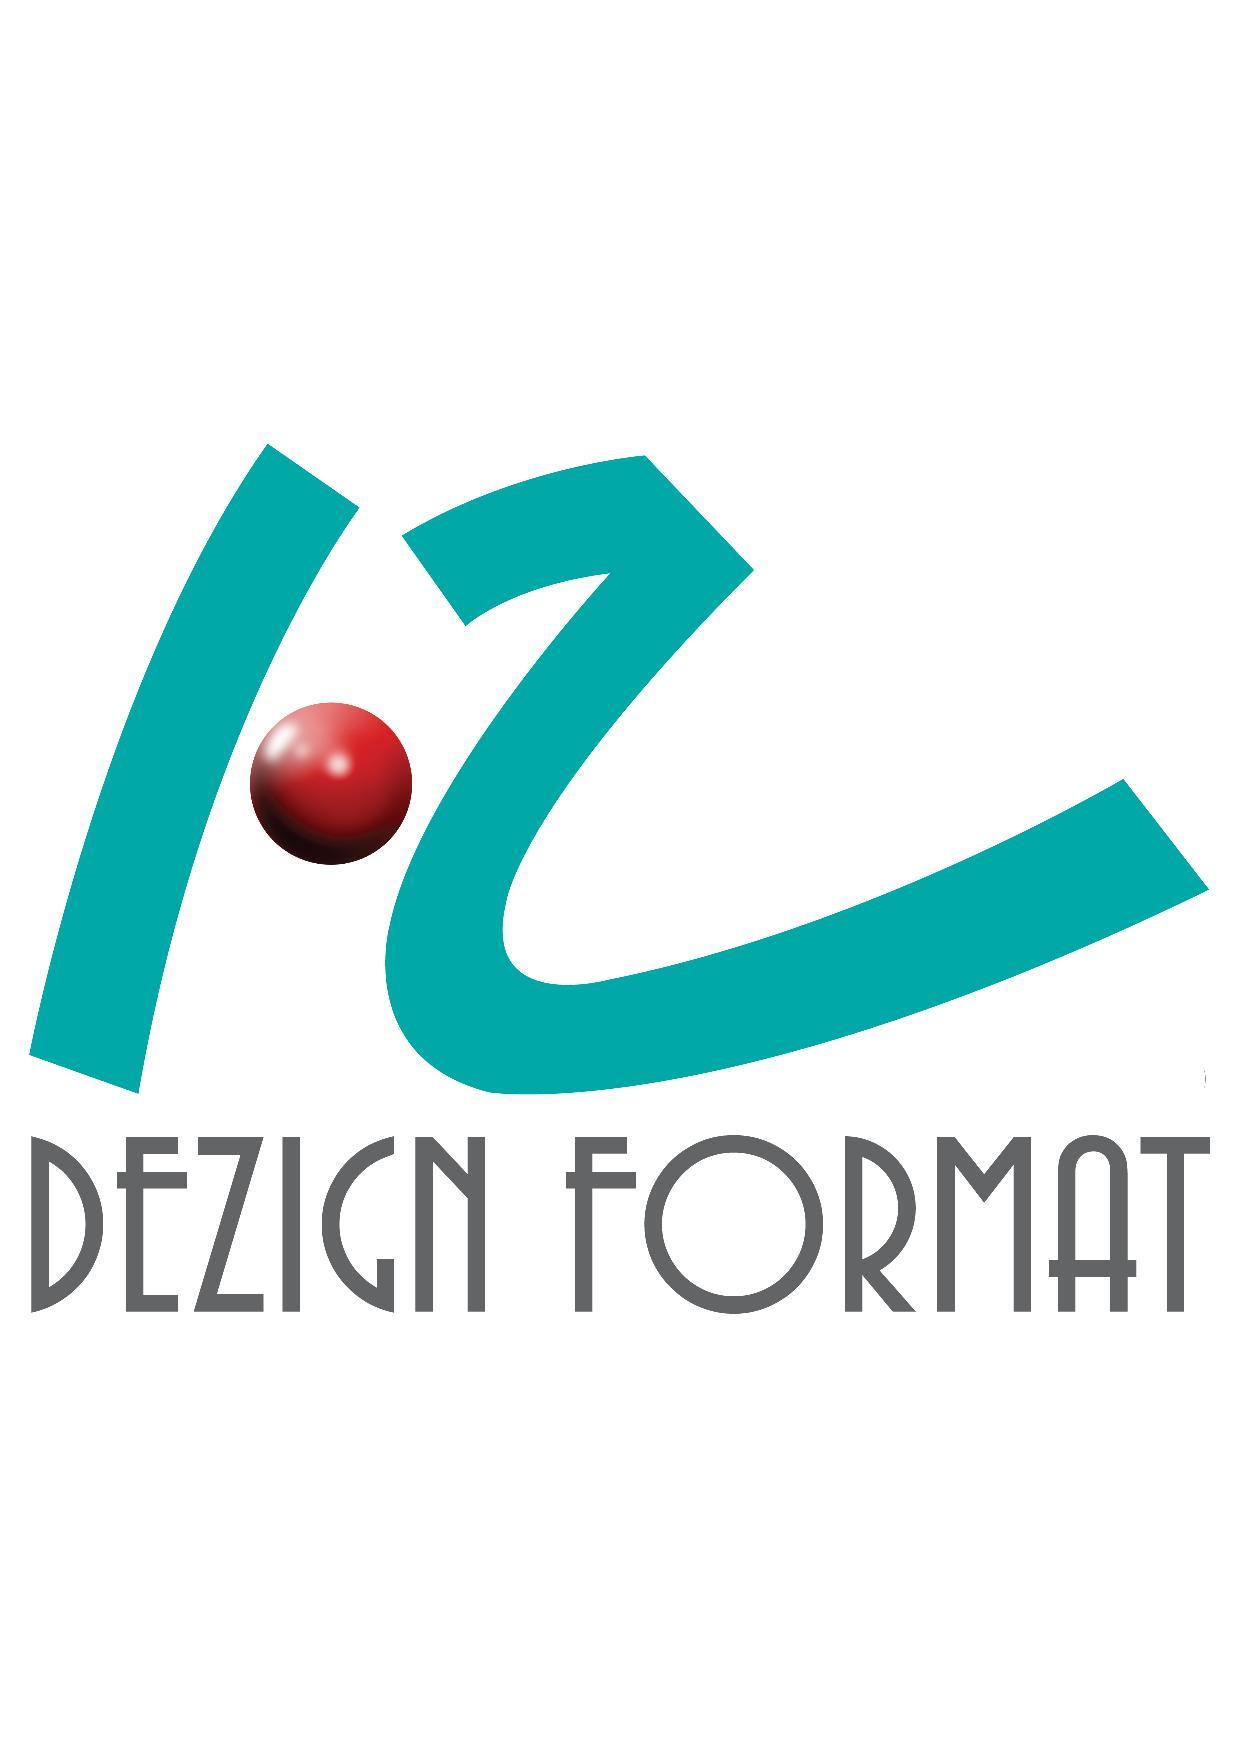 Dezign Format-page-001